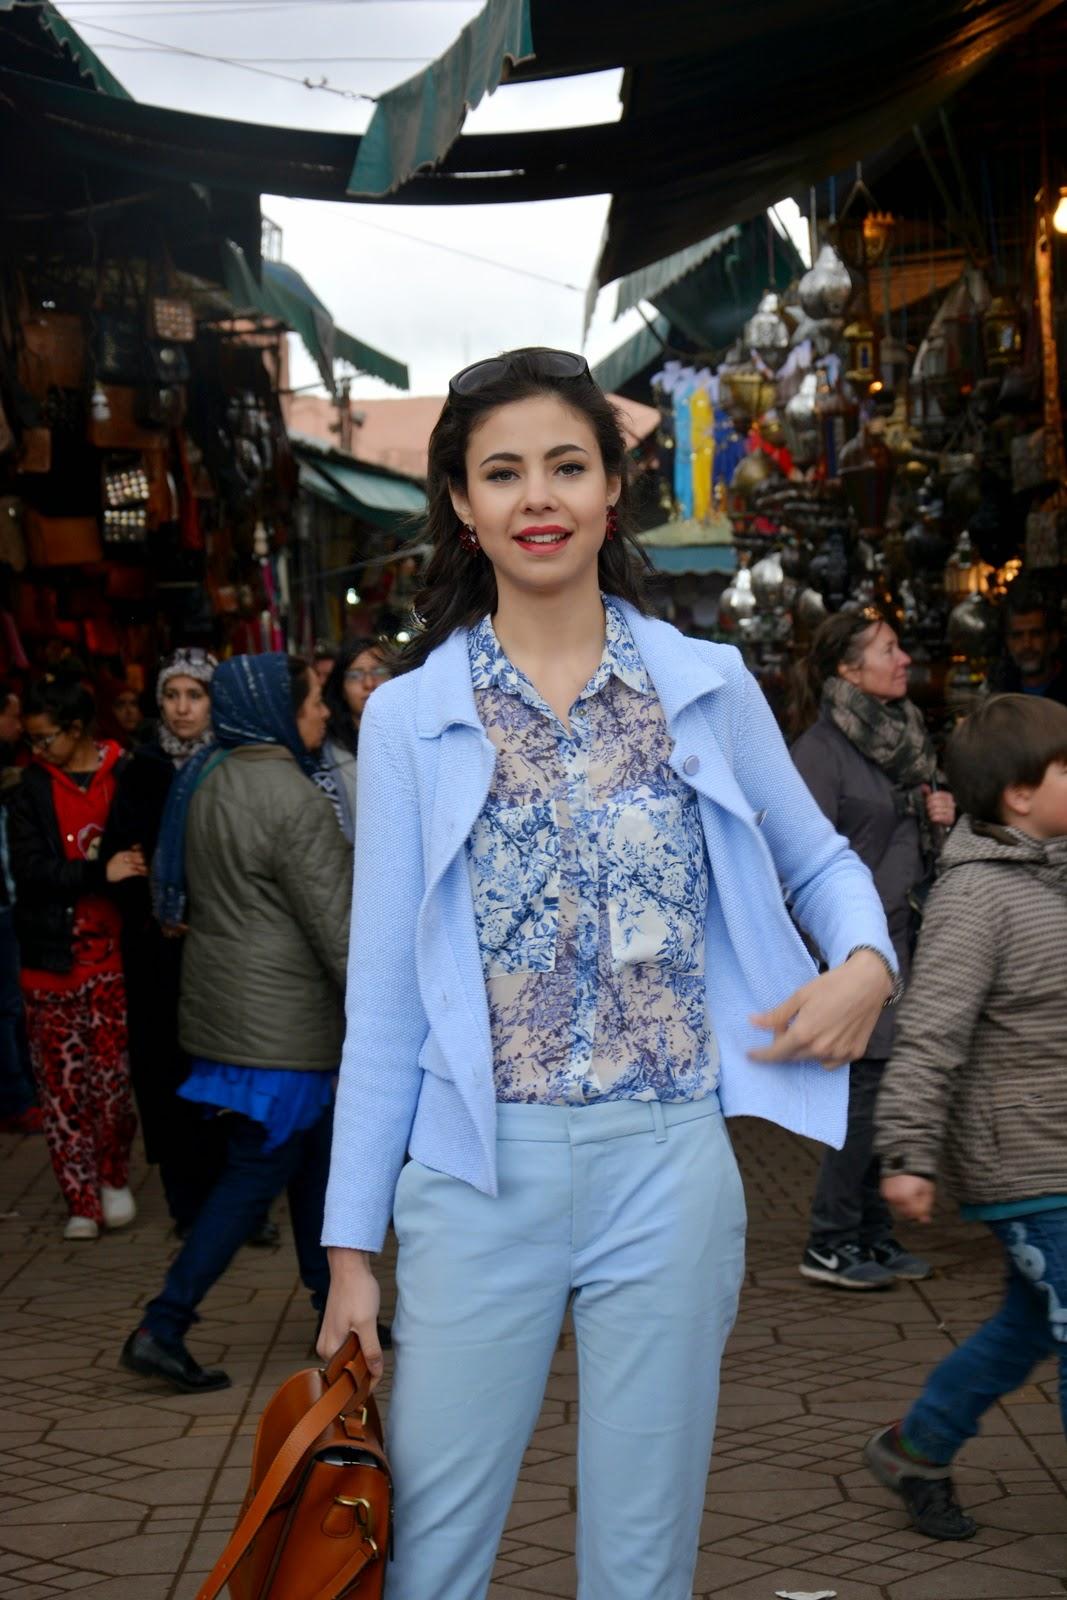 Morocco, Marrakech, Jemaa el-Fna, Old Medina, Trip, Cultureandtrend, Souk,